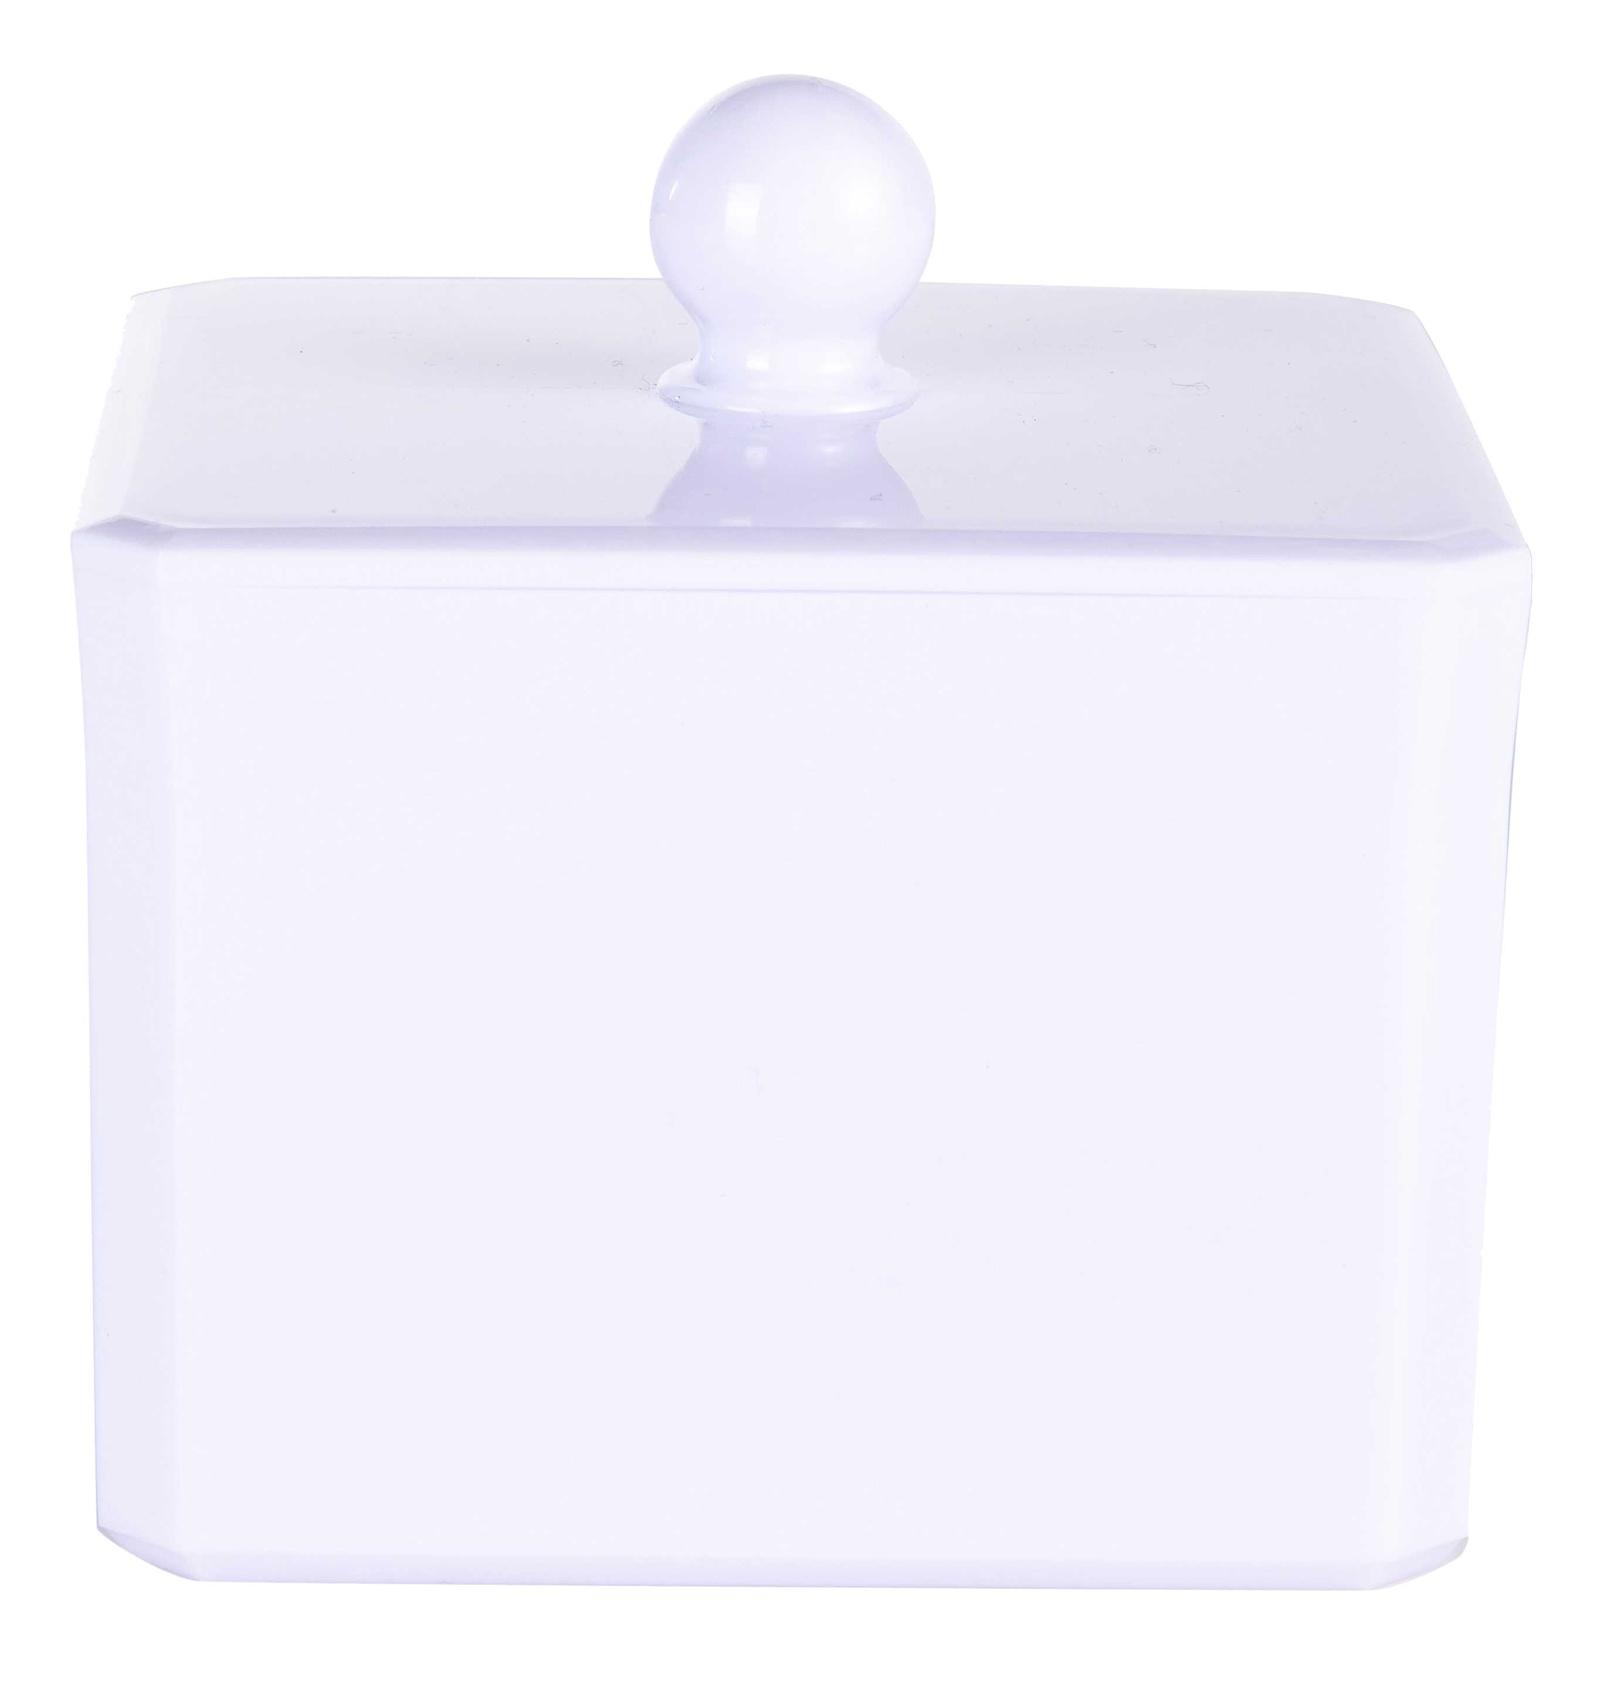 Органайзер для мелочей и косметики Swensa SWP-0910WH, белый